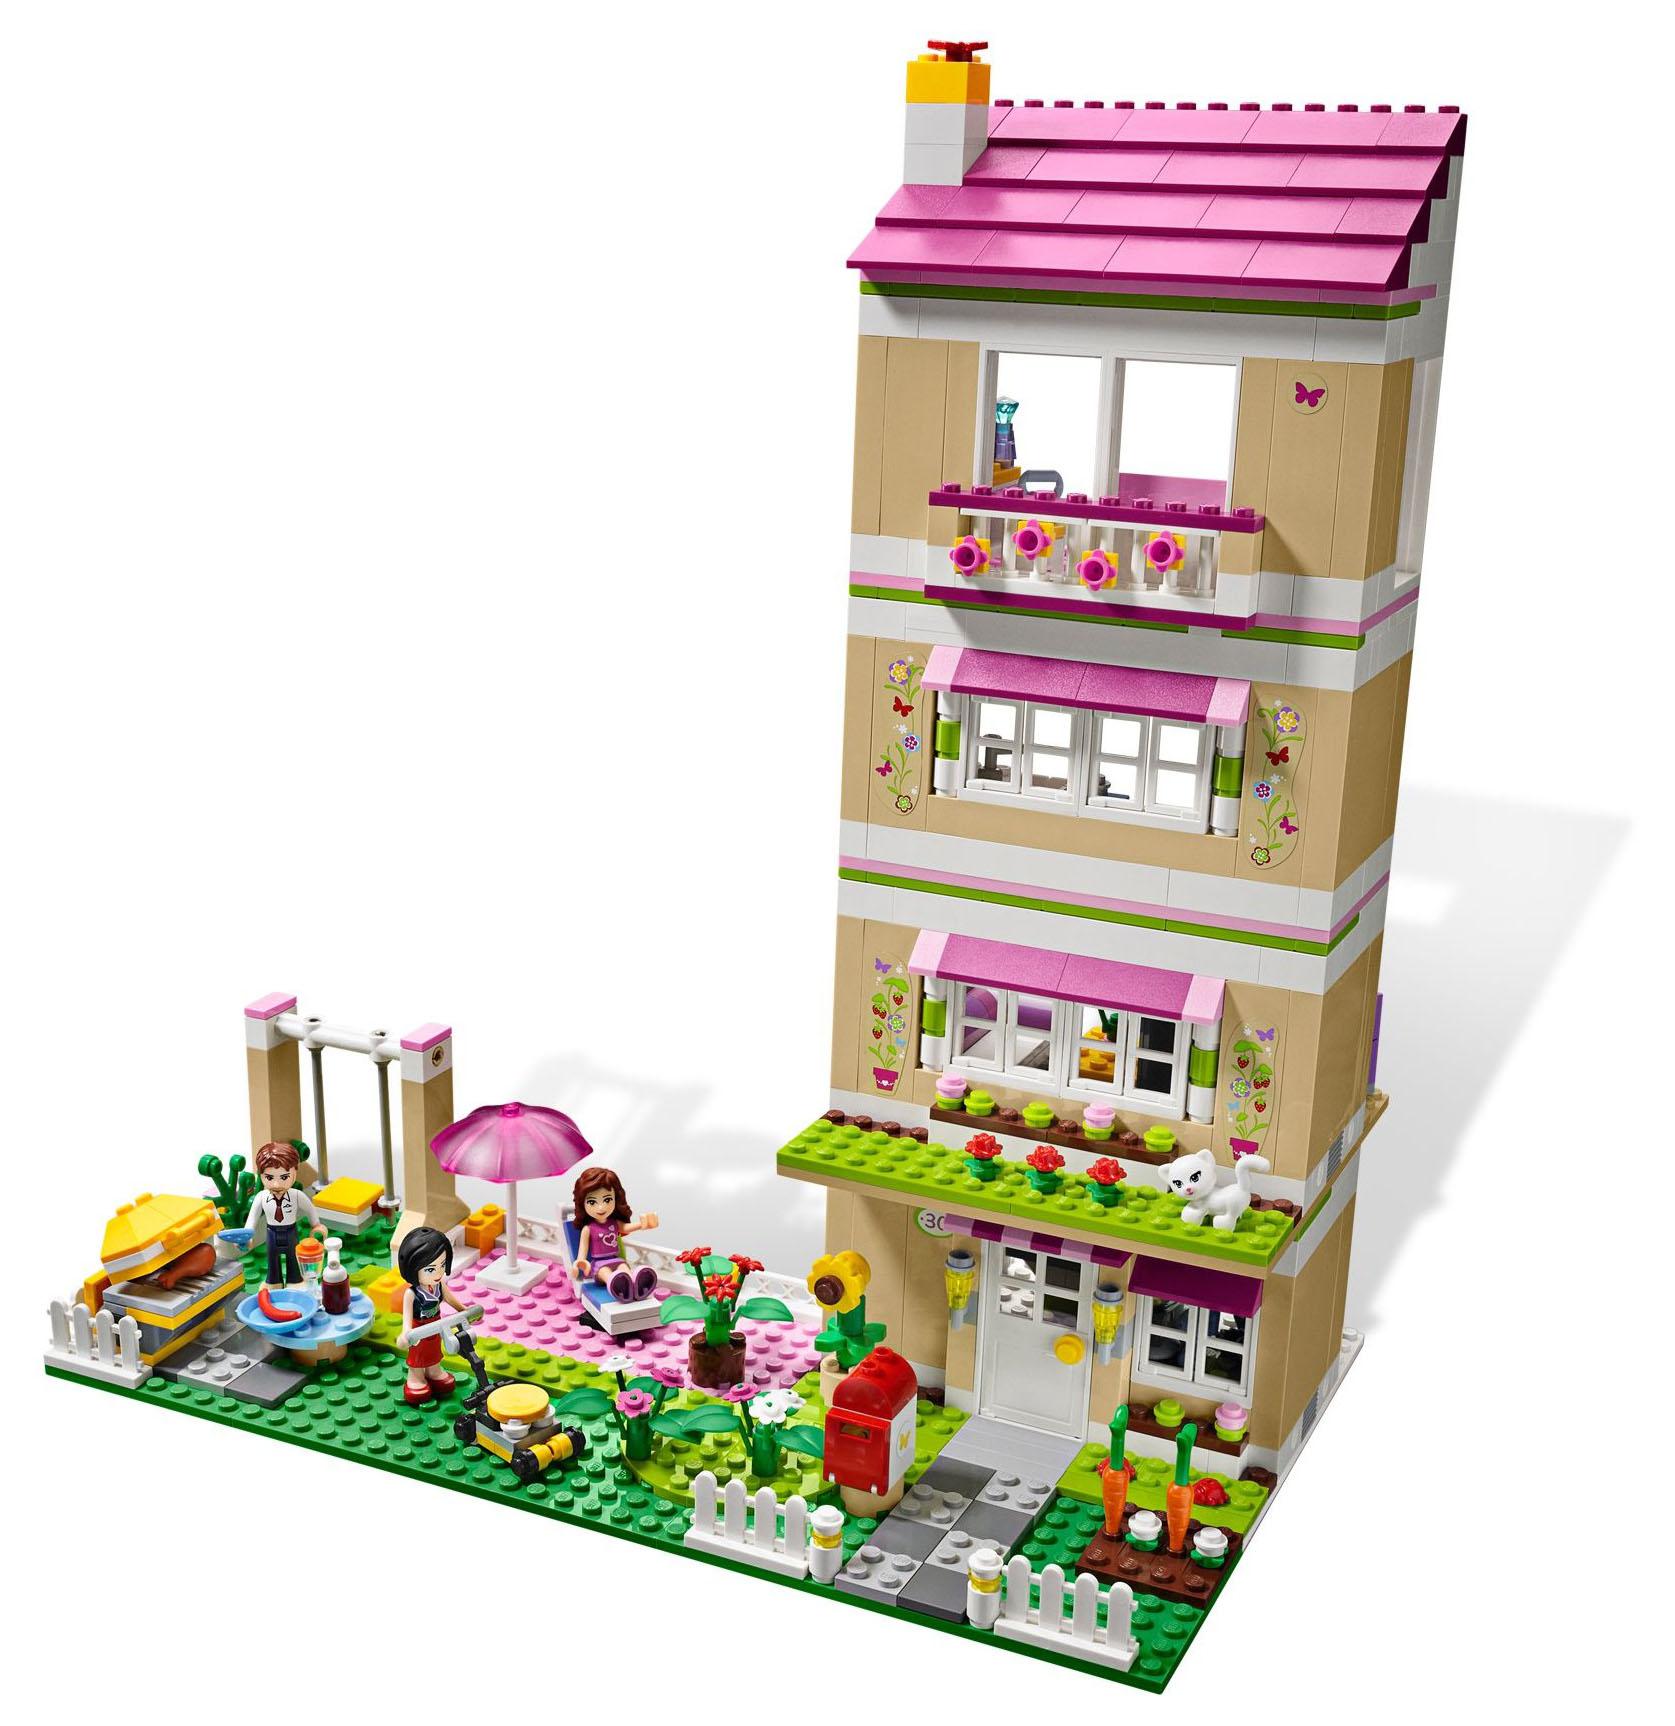 3315 La Villa LEGO : King Jouet, Lego, planchettes & autres LEGO  Jeux de